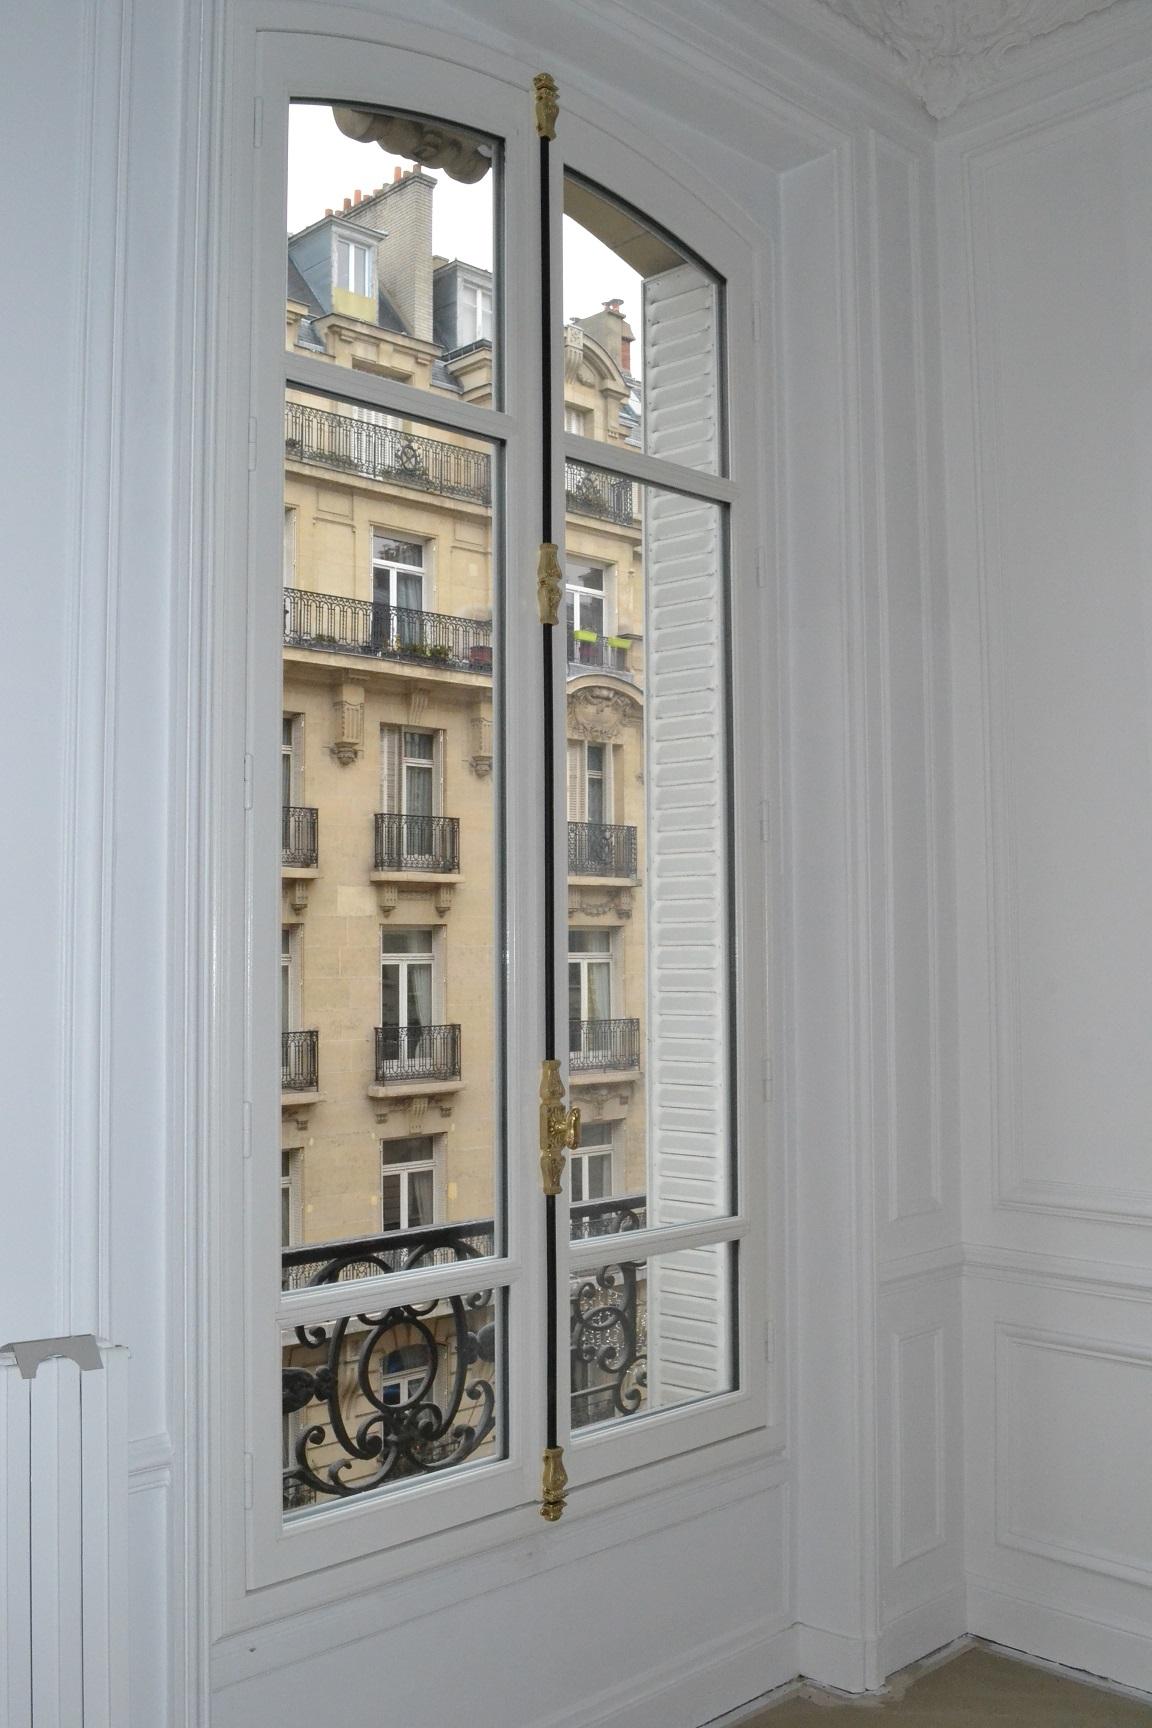 Pour les fenêtres sur rue, l'isolation phonique atteint les 35dB.